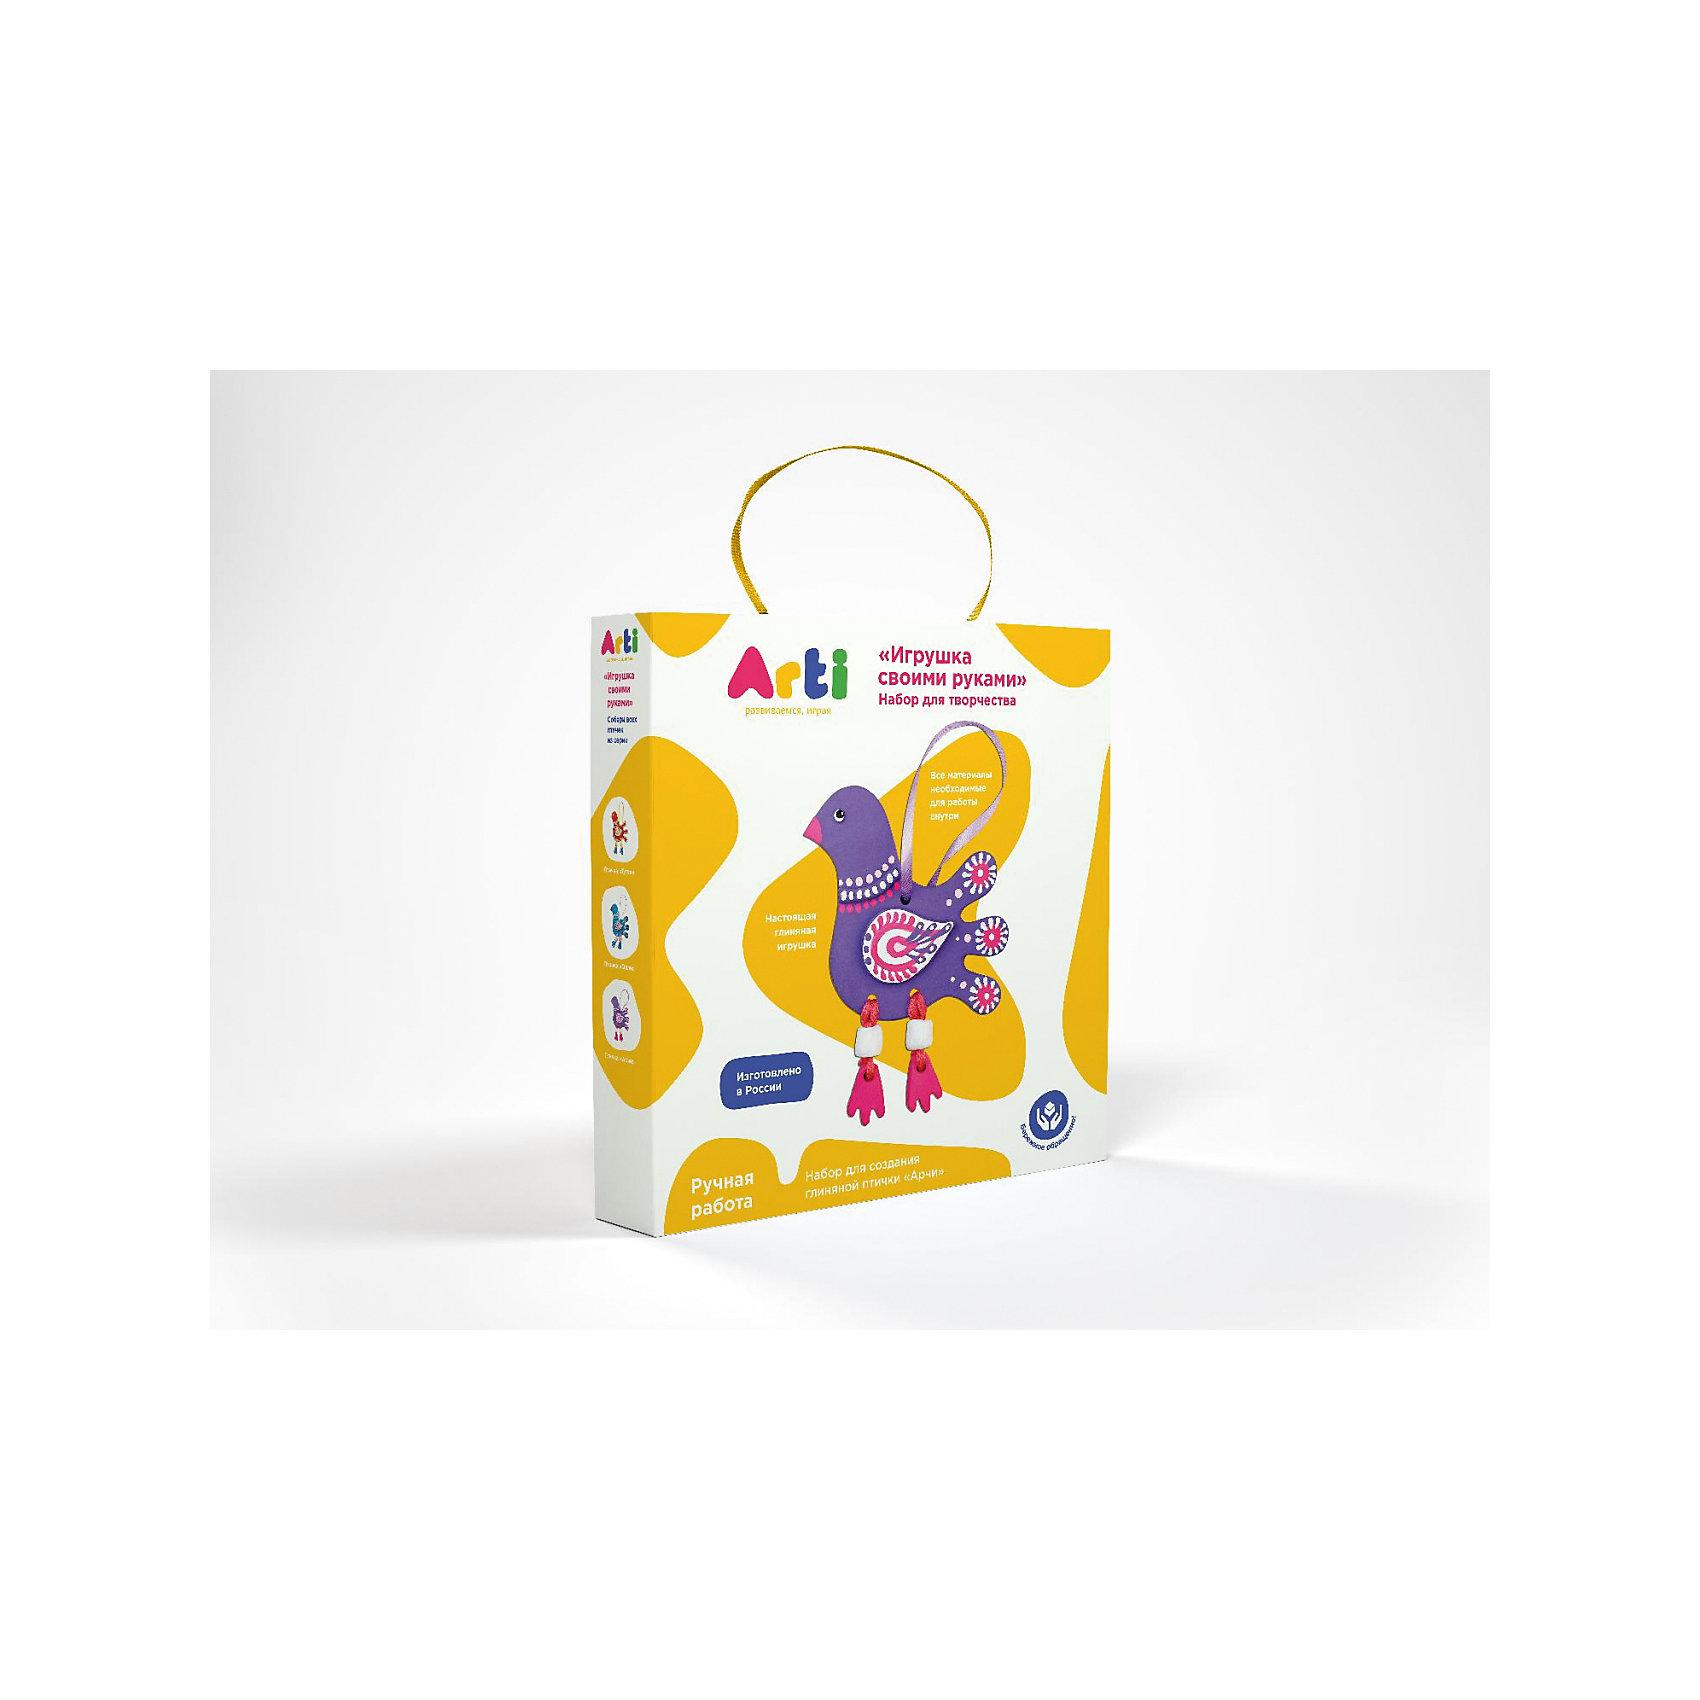 Набор для творчества Глиняная птичка АрчиРисование<br>Набор для творчества Глиняная птичка Арчи.<br><br>Характеристика: <br><br>• Возраст: от 3 лет<br>• Материал: глина, текстиль, краски, дерево, шерсть. <br>• Размер упаковки: 3х18х18 см. <br>• Комплектация: детали рыбки, акриловые краски, кисть, шерстяные нити, деревянная палочка для работы с нитями, ленточка для подвеса изделия.<br>• Объем 1 баночки с краской: 5 мл.<br>• Развивает моторику рук, мышление, внимание. фантазию, творческие способности. <br><br>С помощью этого замечательного набора ваш ребенок сможет создать яркую глиняную фигурку и раскрасить ее по своему вкусу. Все детали набора выполнены из высококачественных материалов. Доступная простая инструкция позволит детям самим сделать свою птичку Получившаяся фигурка обязательно украсит стену детской или же станет отличным подарком, сделанным своими руками. <br><br>Набор для творчества Глиняная птичка Арчи можно купить в нашем интернет-магазине.<br><br>Ширина мм: 180<br>Глубина мм: 180<br>Высота мм: 30<br>Вес г: 204<br>Возраст от месяцев: 36<br>Возраст до месяцев: 2147483647<br>Пол: Унисекс<br>Возраст: Детский<br>SKU: 5487925